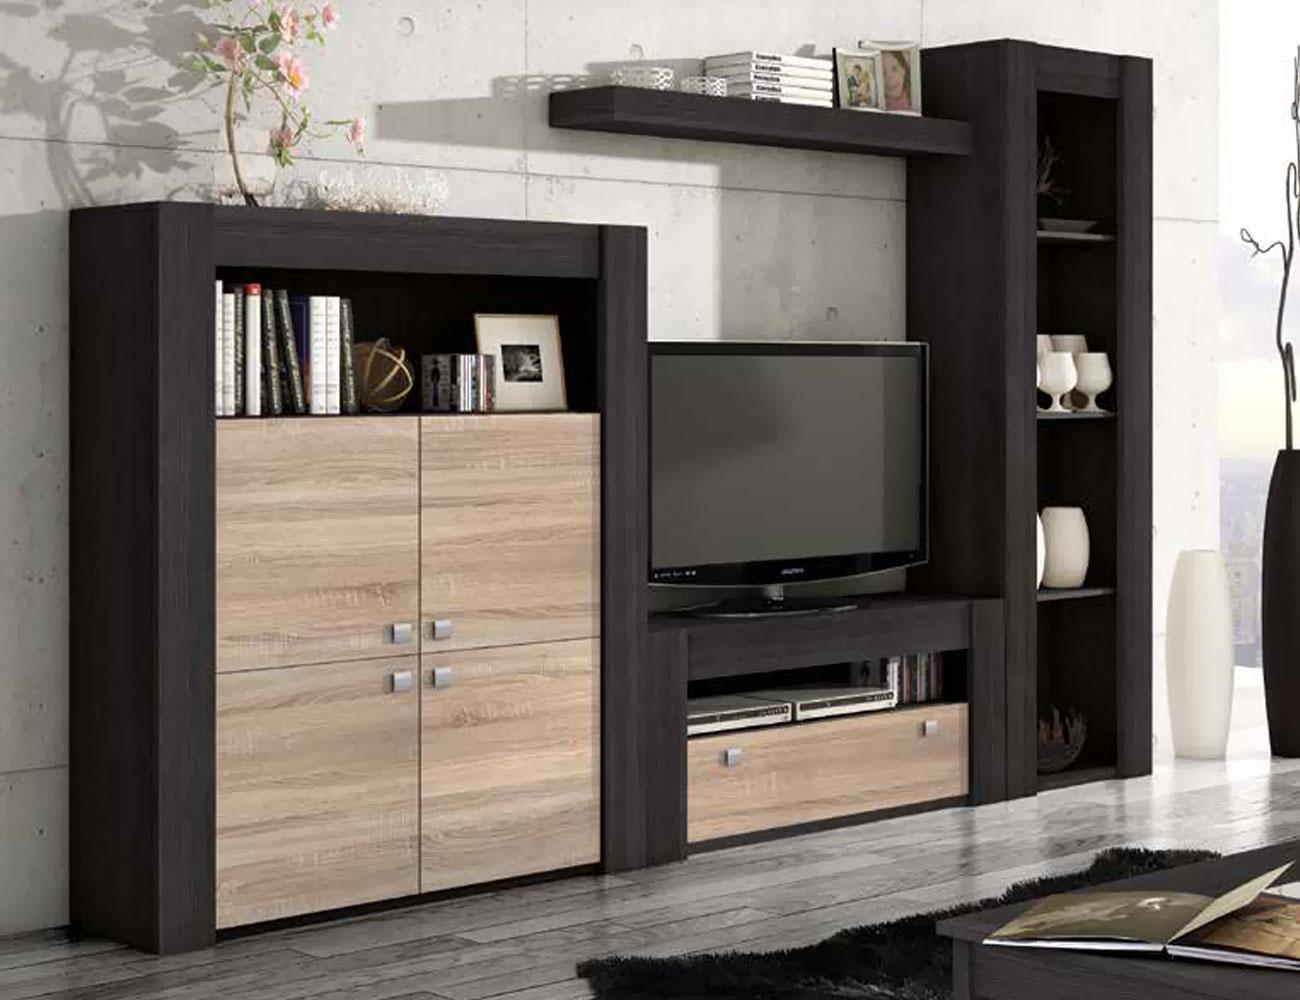 Mueble de sal n modular moderno en ceniza cambrian 2274 for Mueble moderno salon